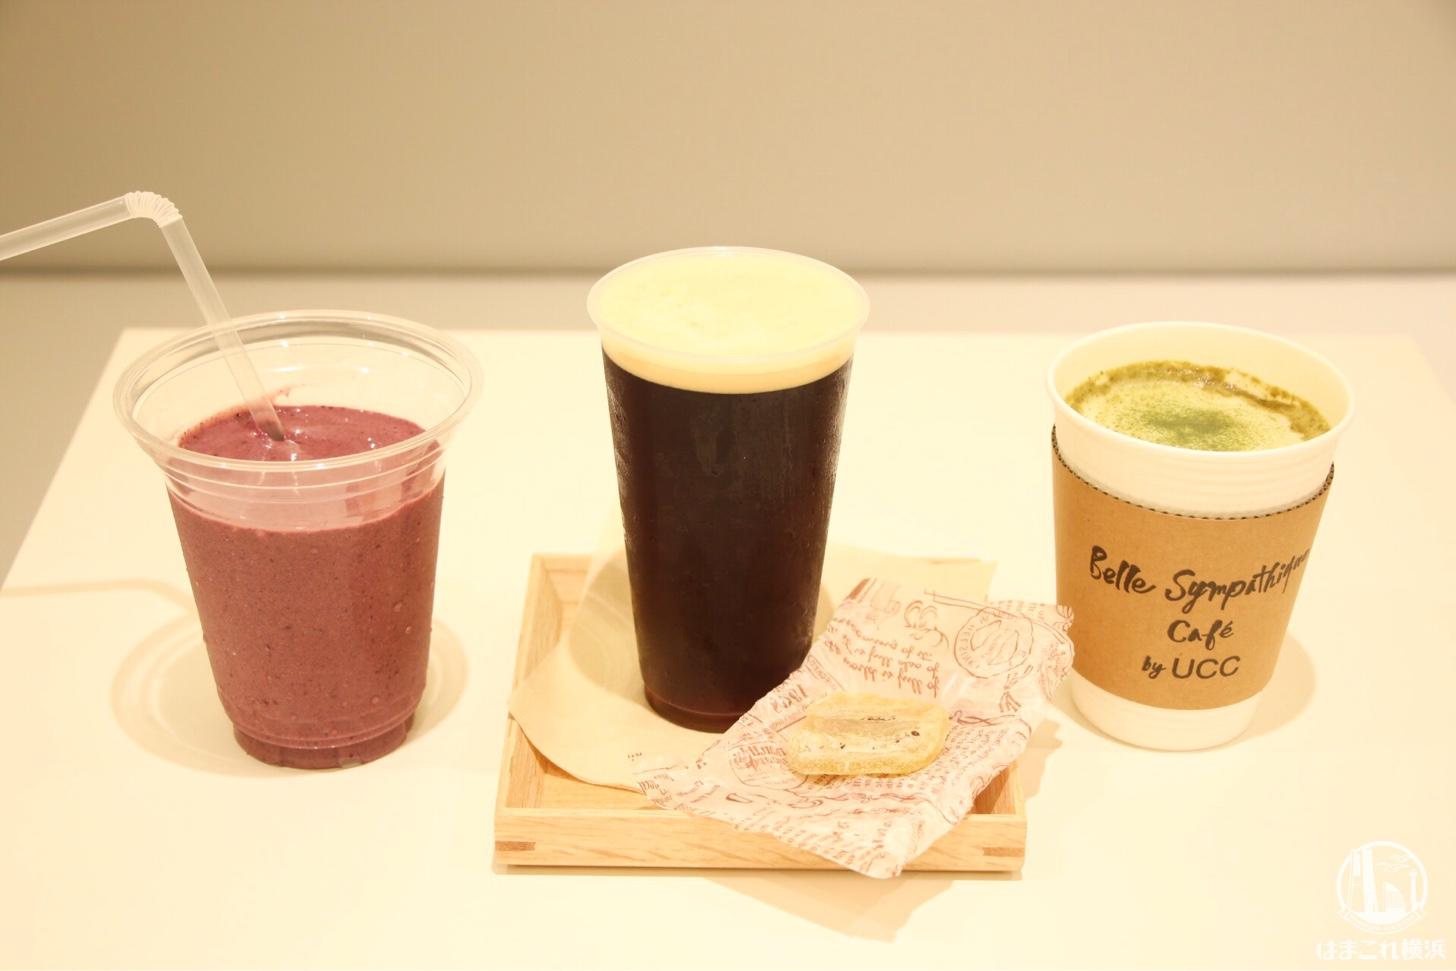 季節のスムージー・ナチュラルフレーバーコーヒー・青汁豆乳ラテ